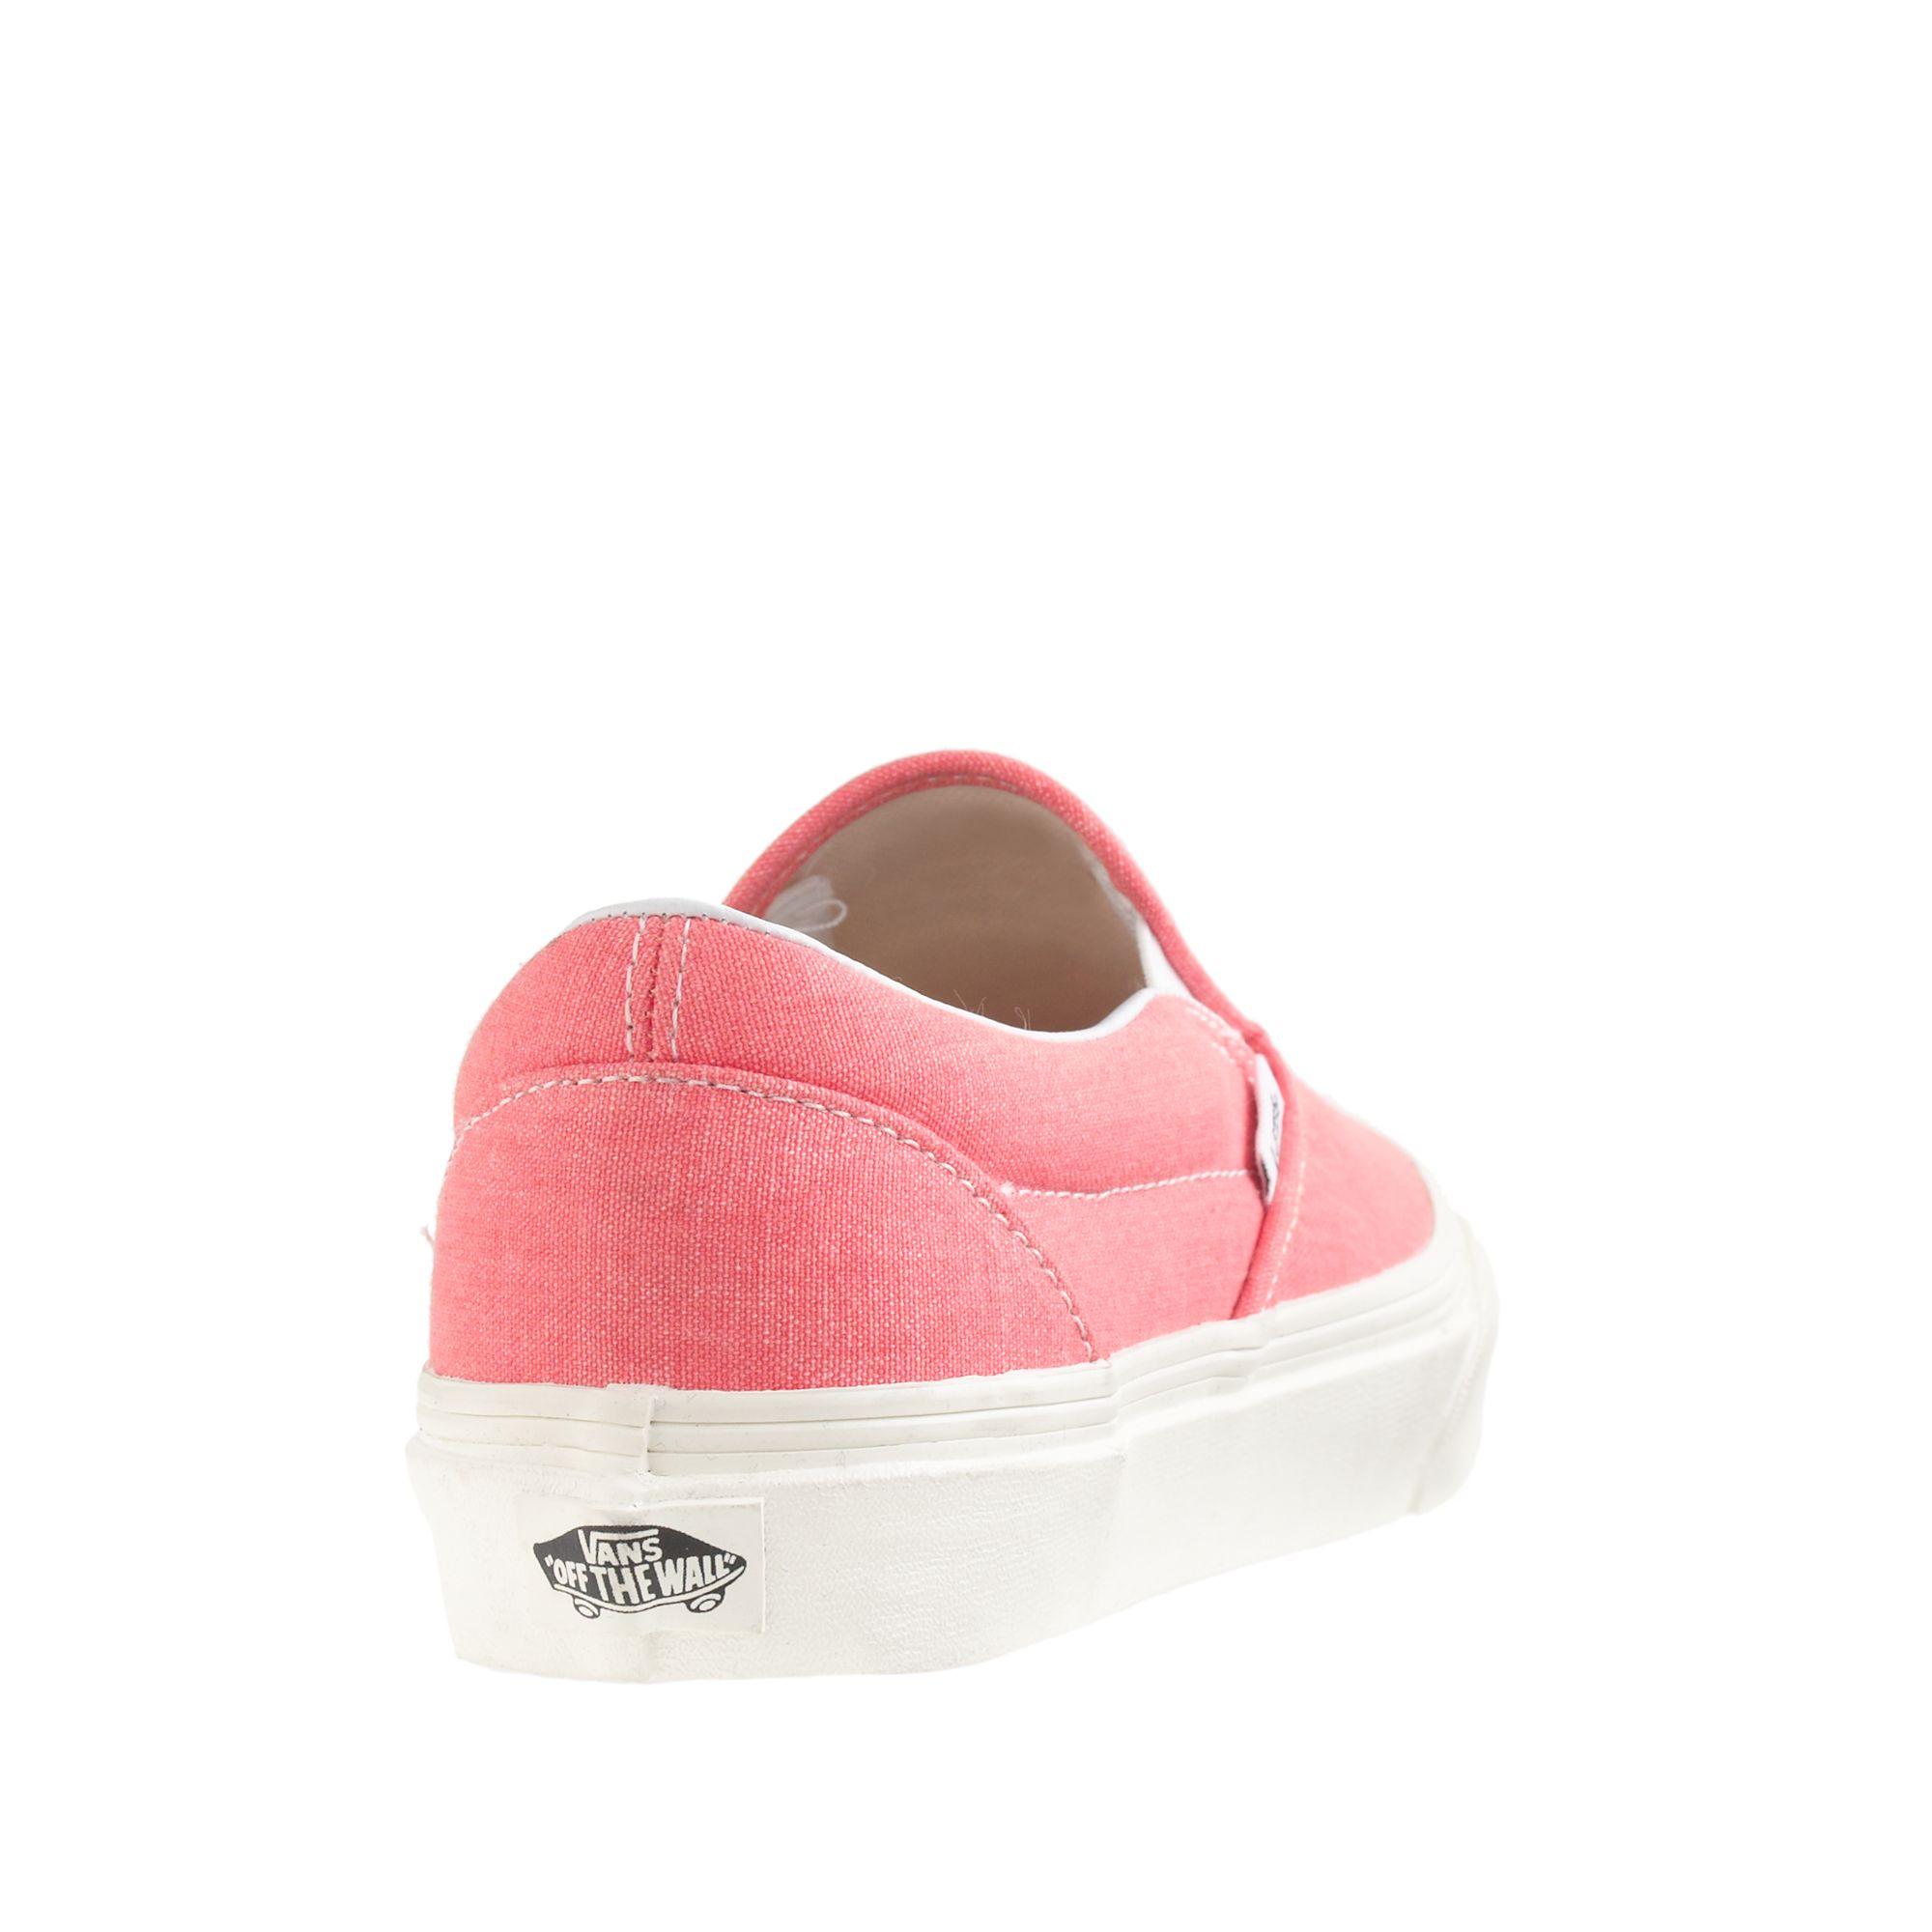 Vans Shoes Classic Slip On Live Show